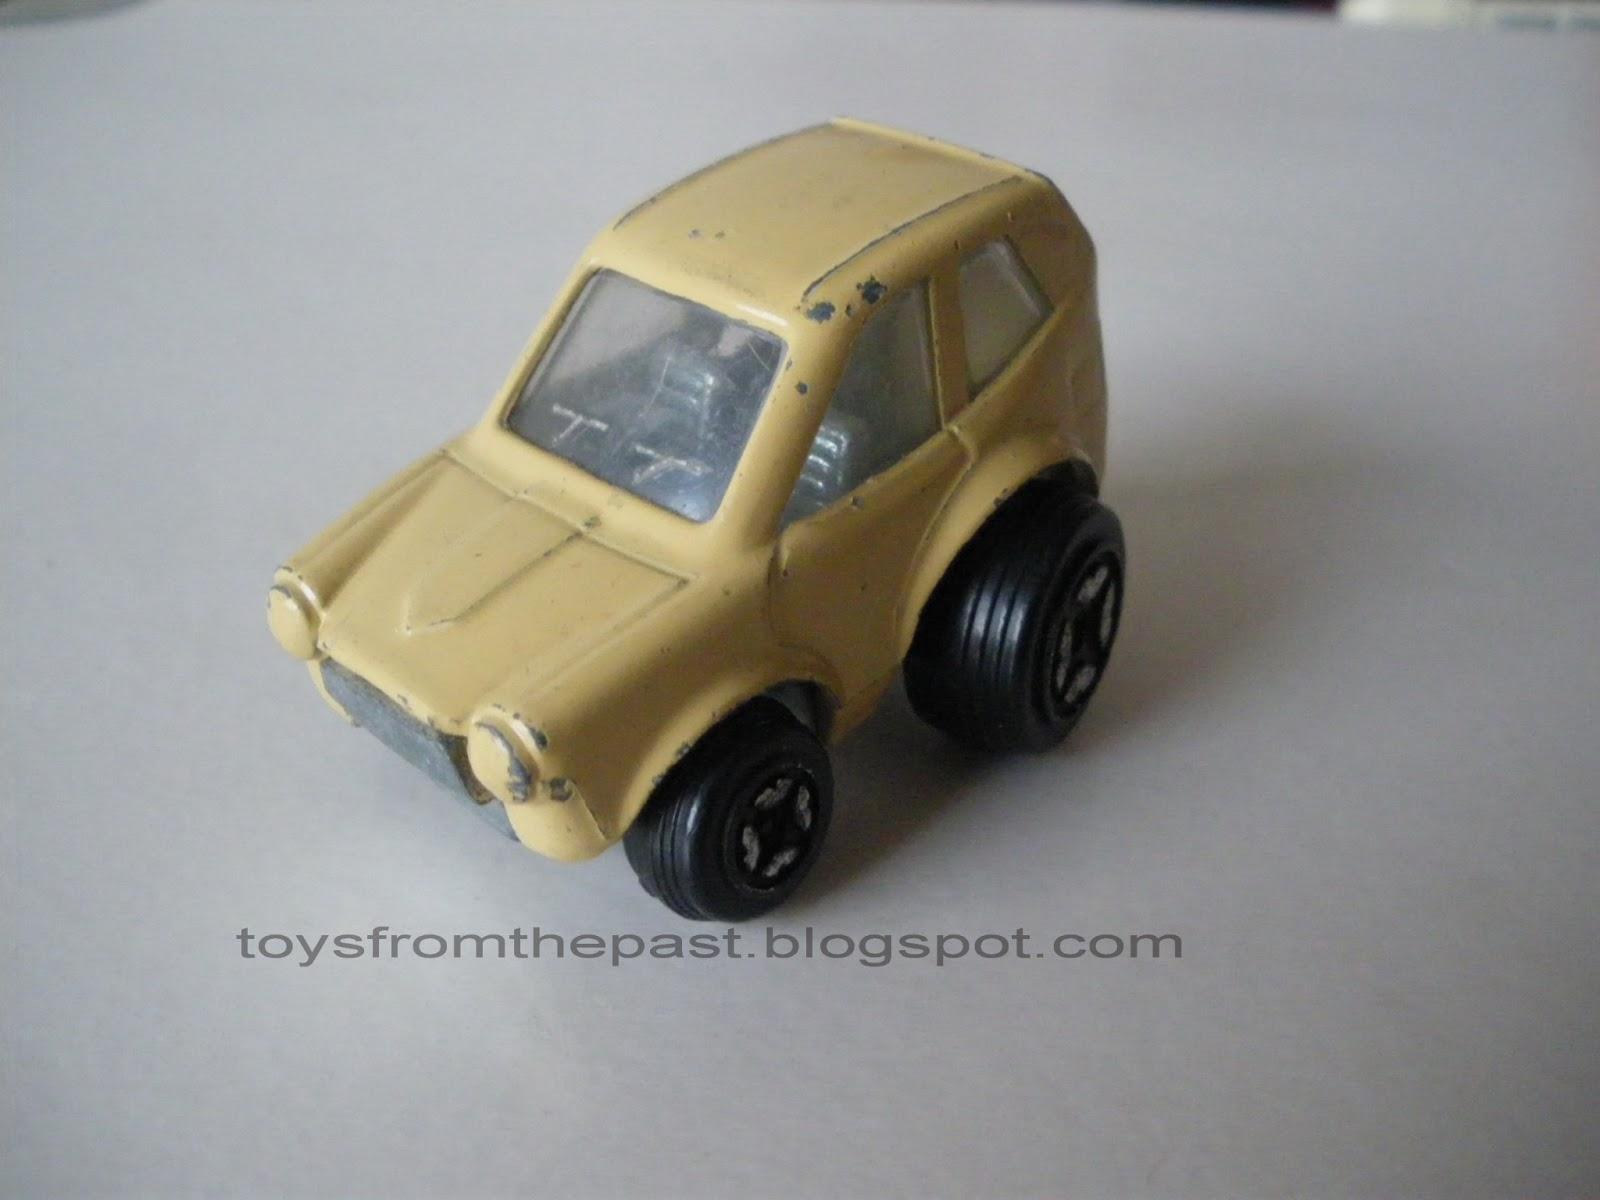 MG25 Honda Coupè Z (cc-by-nc-nd 3.0 toysfromthepast)